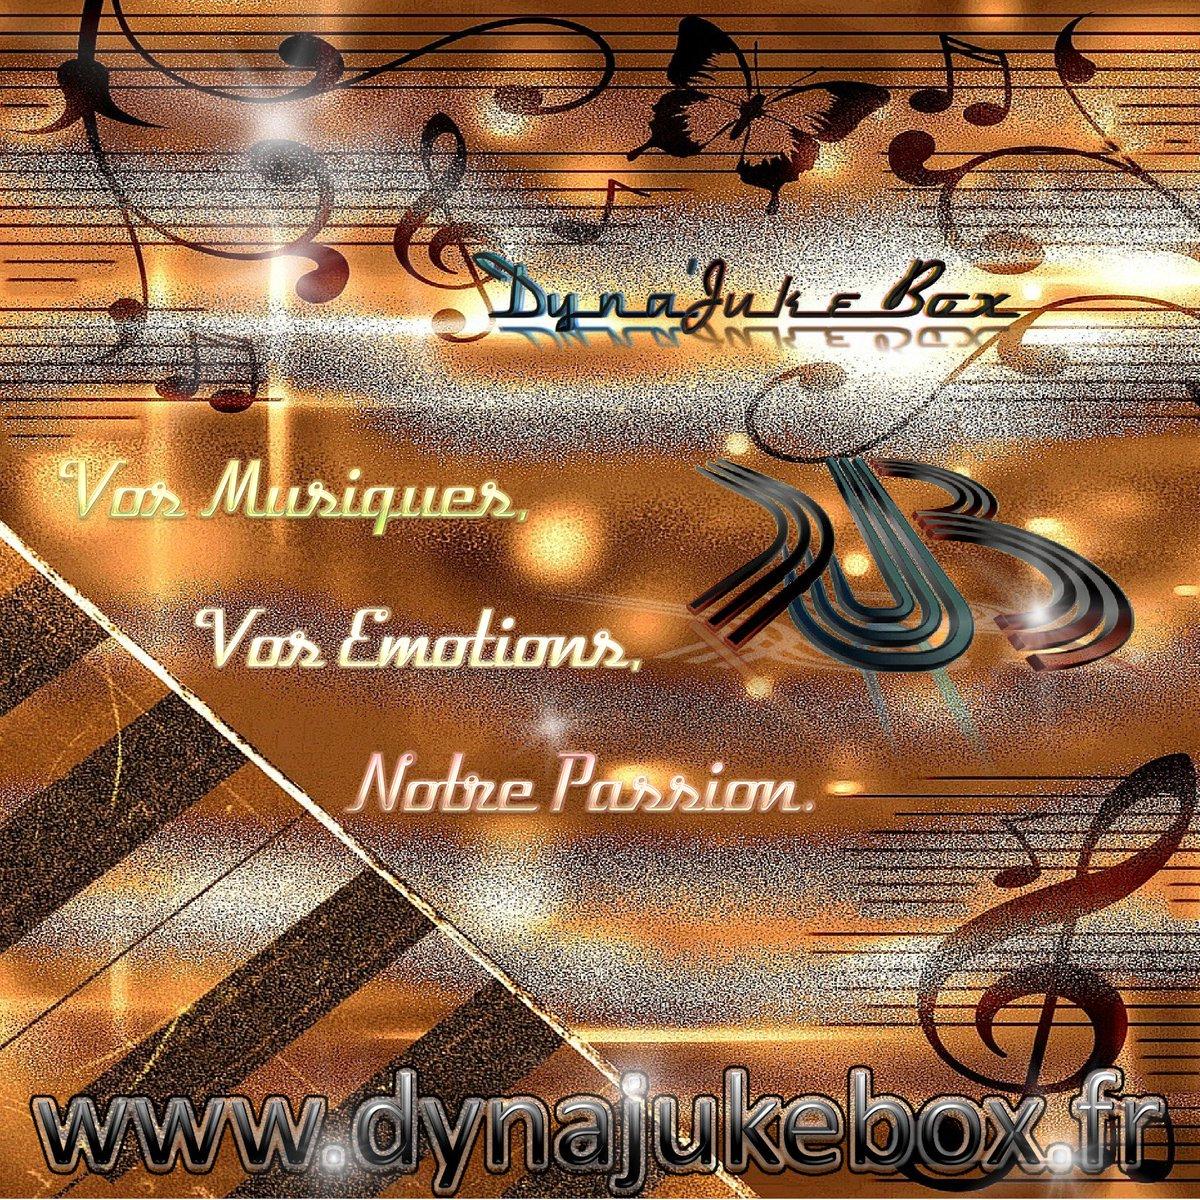 #StValentin en #musique &gt;&gt;  http://www. dynajukebox.fr  &nbsp;   , votre #webradio c&#39;est 24h / 24 &amp; 7j / 7 ! RDV ce soir 22h  c&#39;est #bonus ;) <br>http://pic.twitter.com/AUcvKQ2Dun